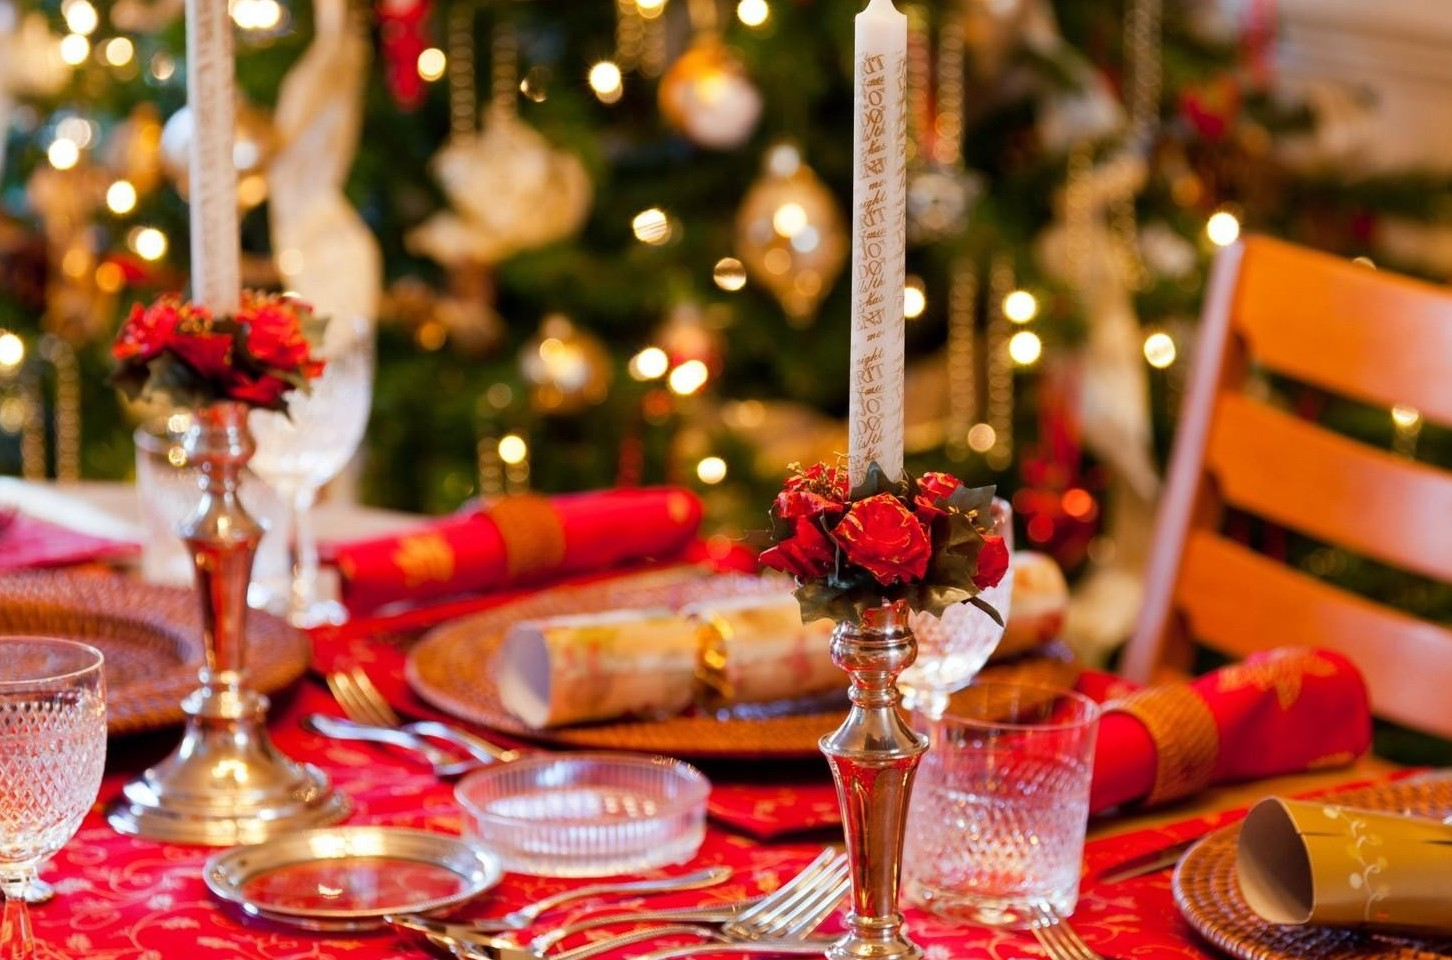 Antipasti Di Natale Semplici E Sfiziosi.Ricette Natale E Menu Oggi Vigilia Cena Natale E Domani Pranzo